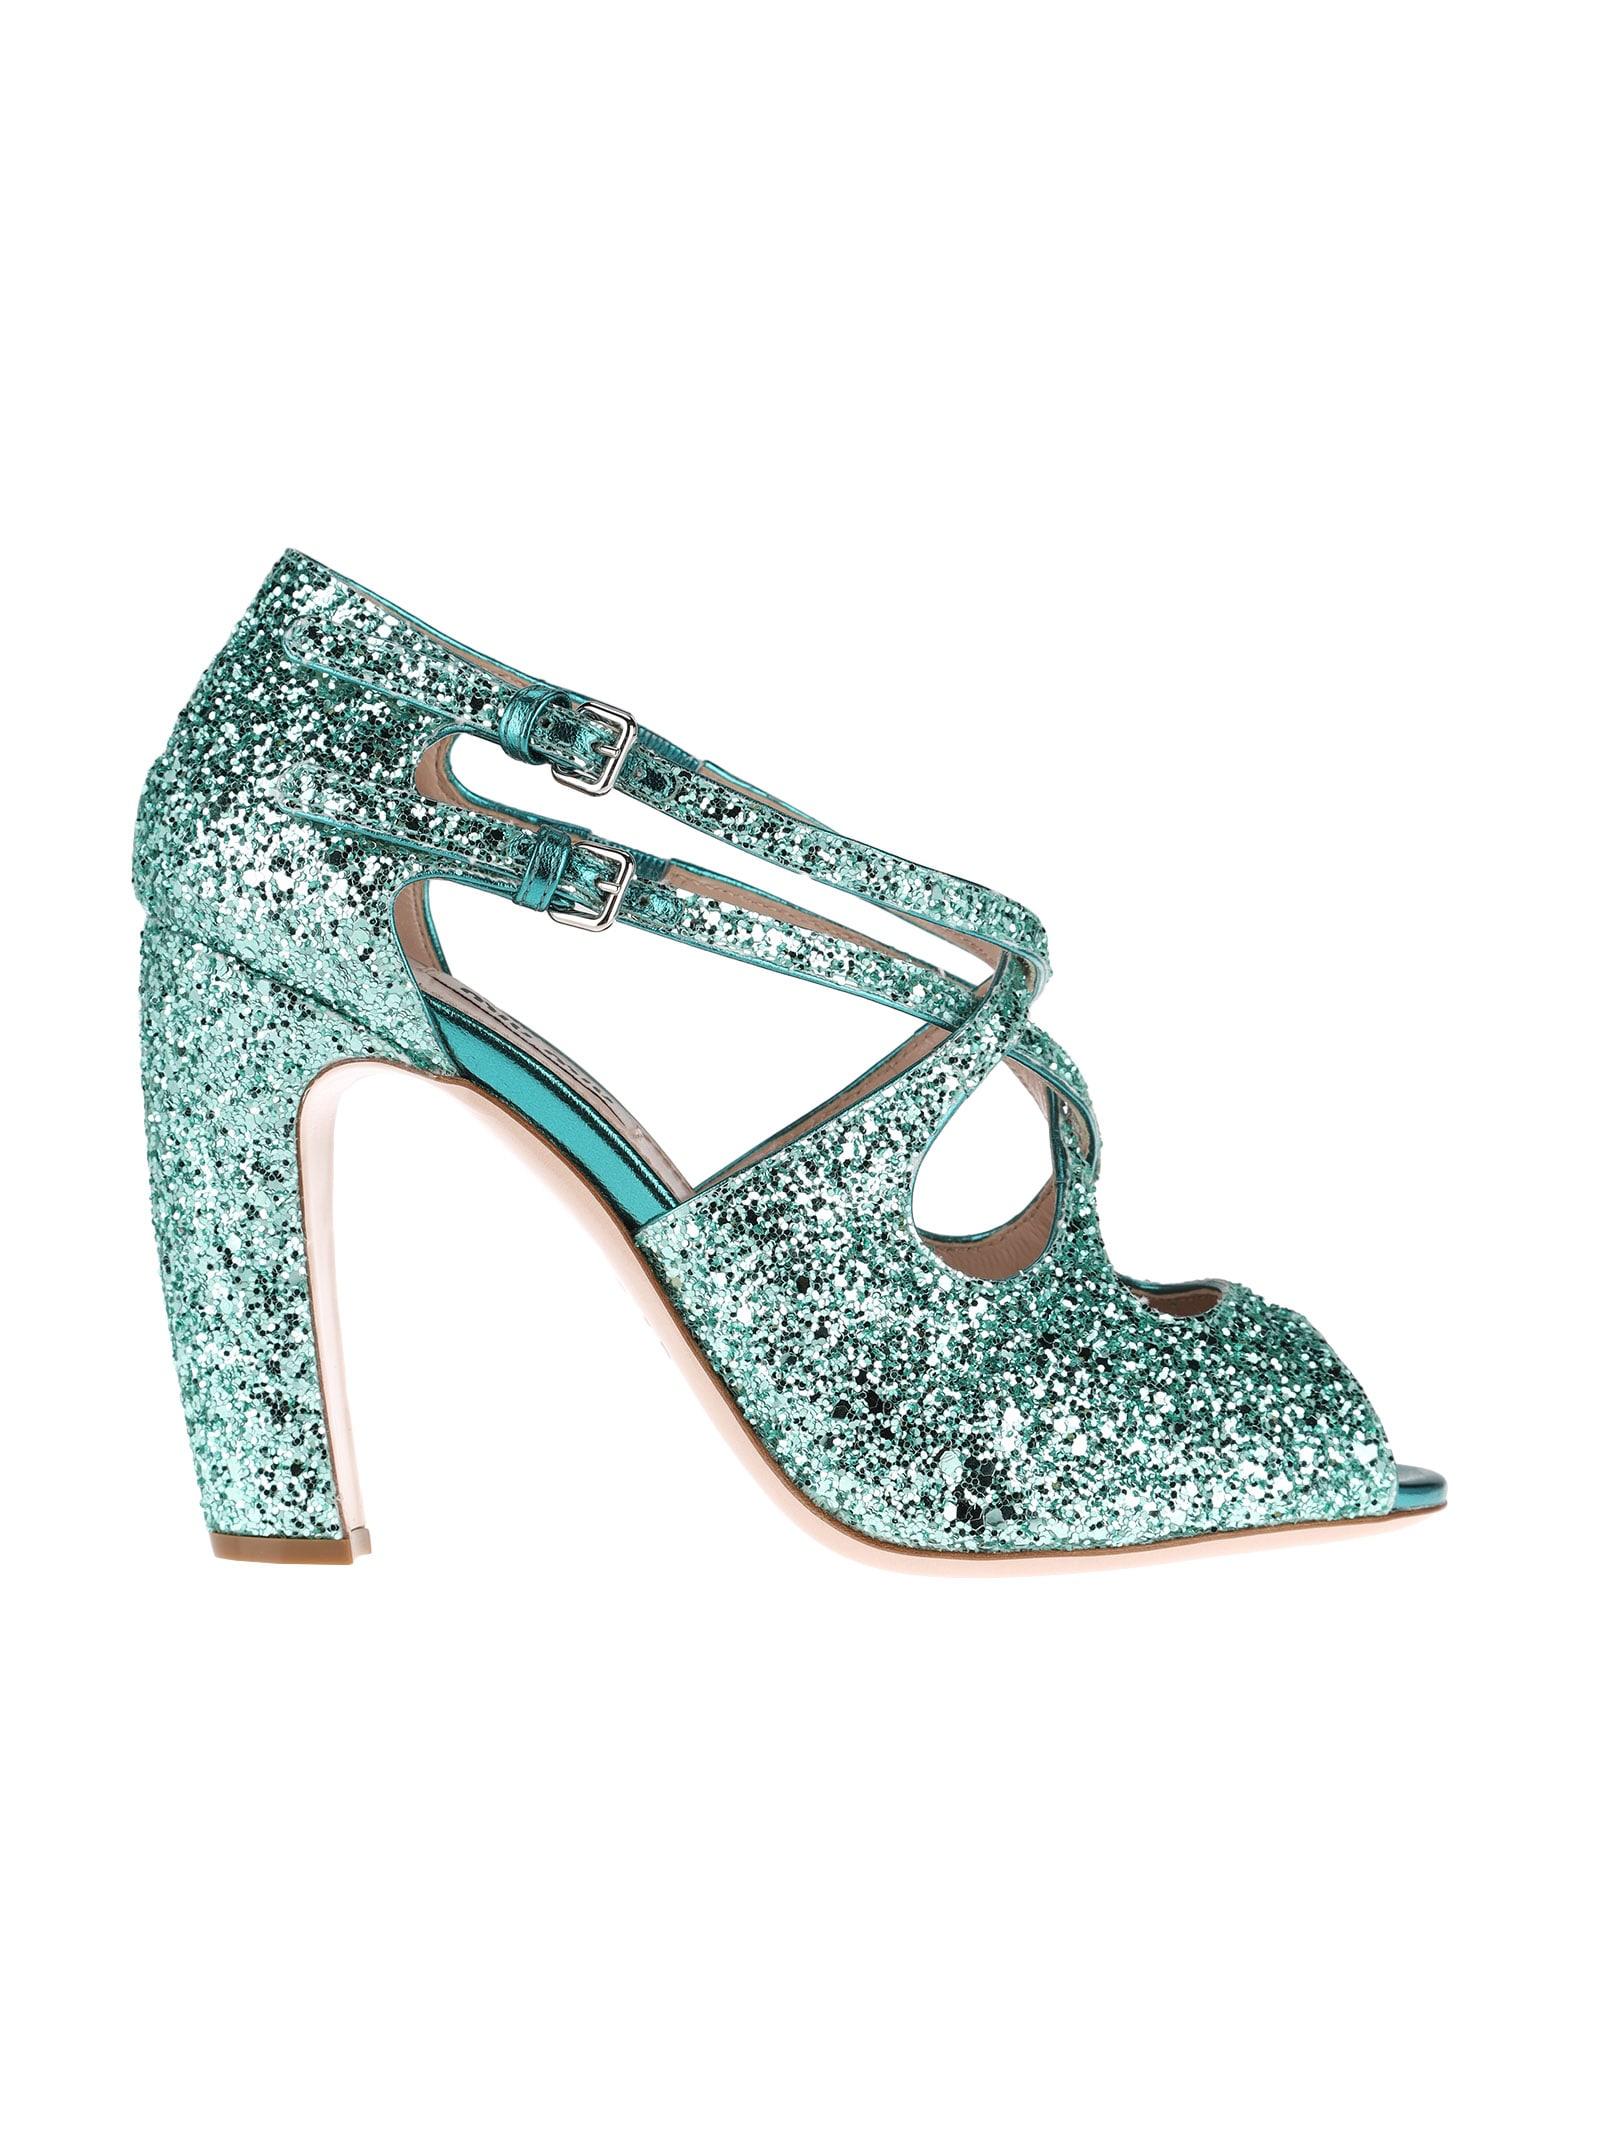 Miu Miu Glitter Open Toe Sandals